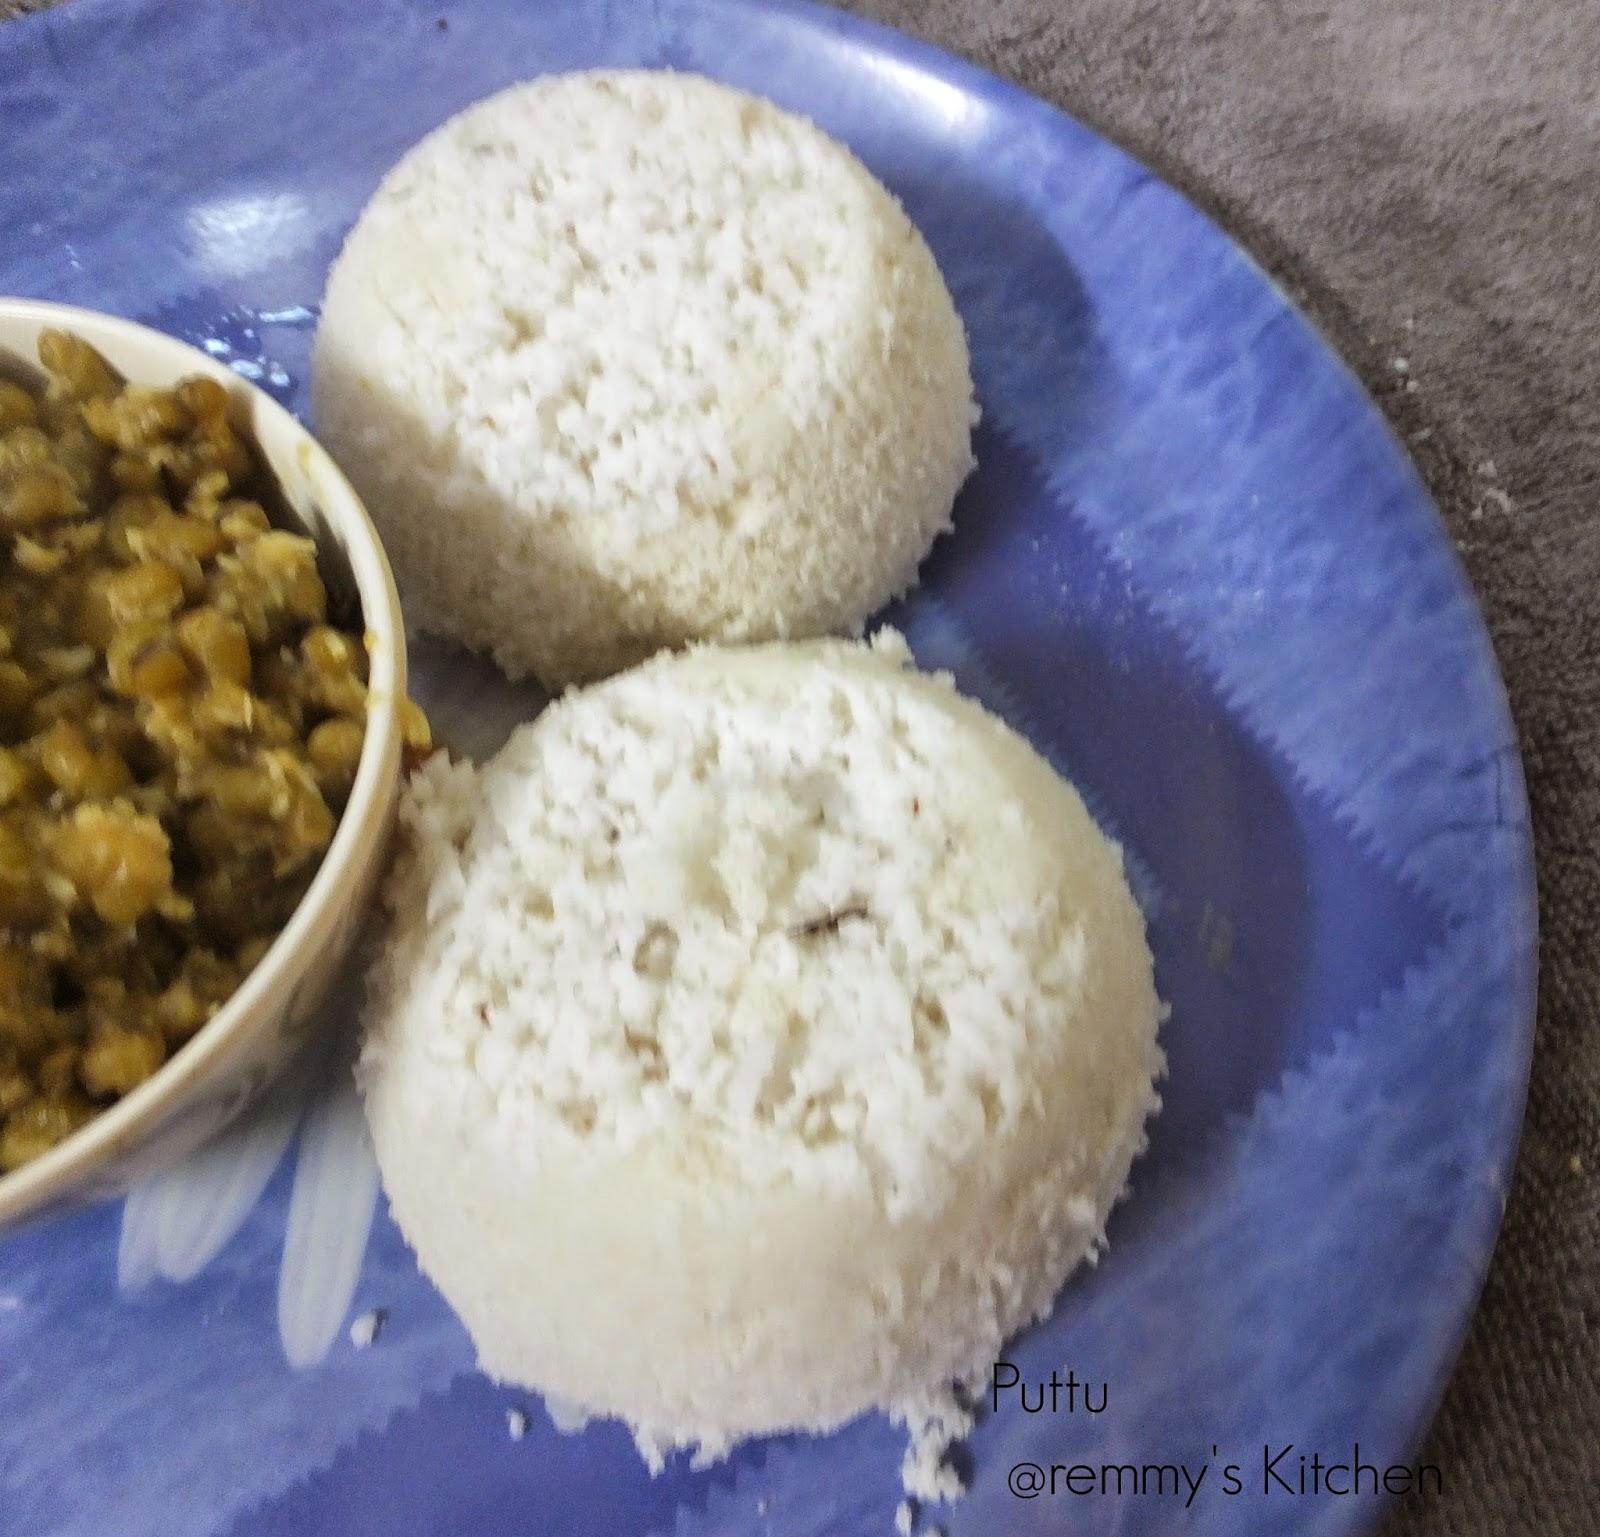 Puttu/ Rice puttu/Easy method to make soft rice puttu